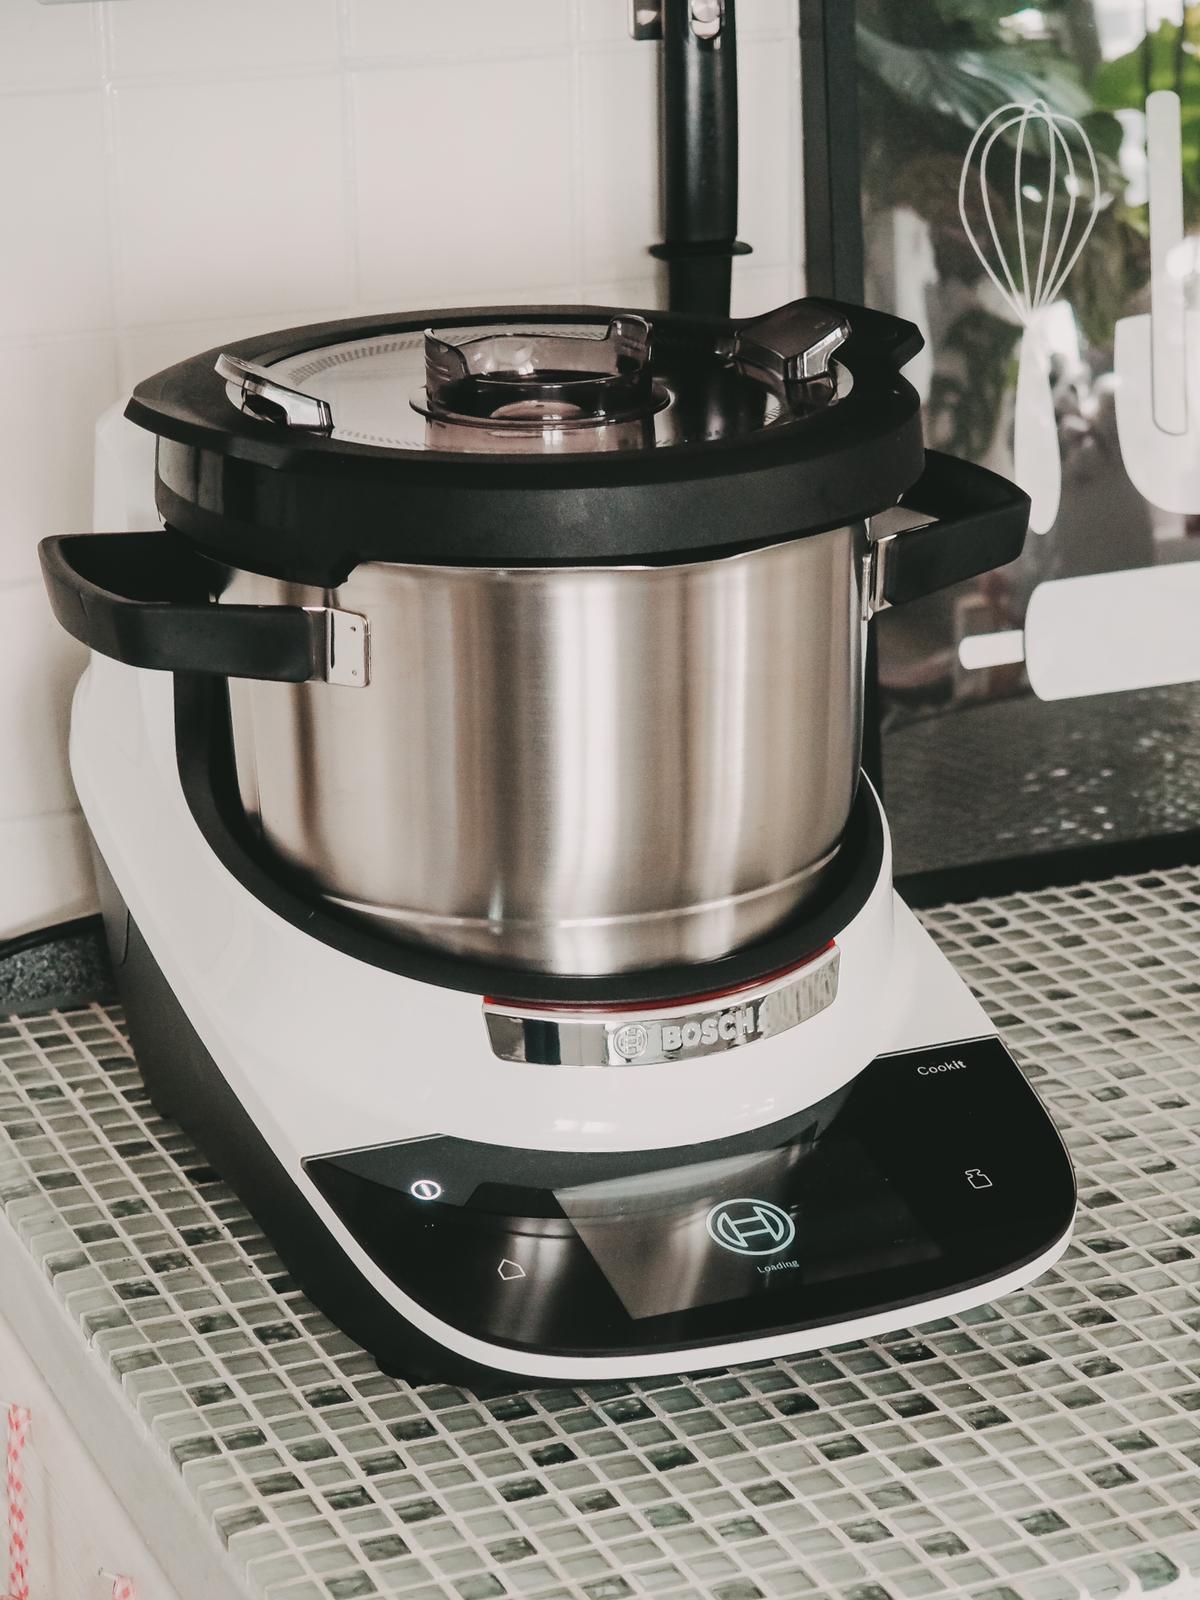 Der Bosch Cookit besticht durch futuristisches Design